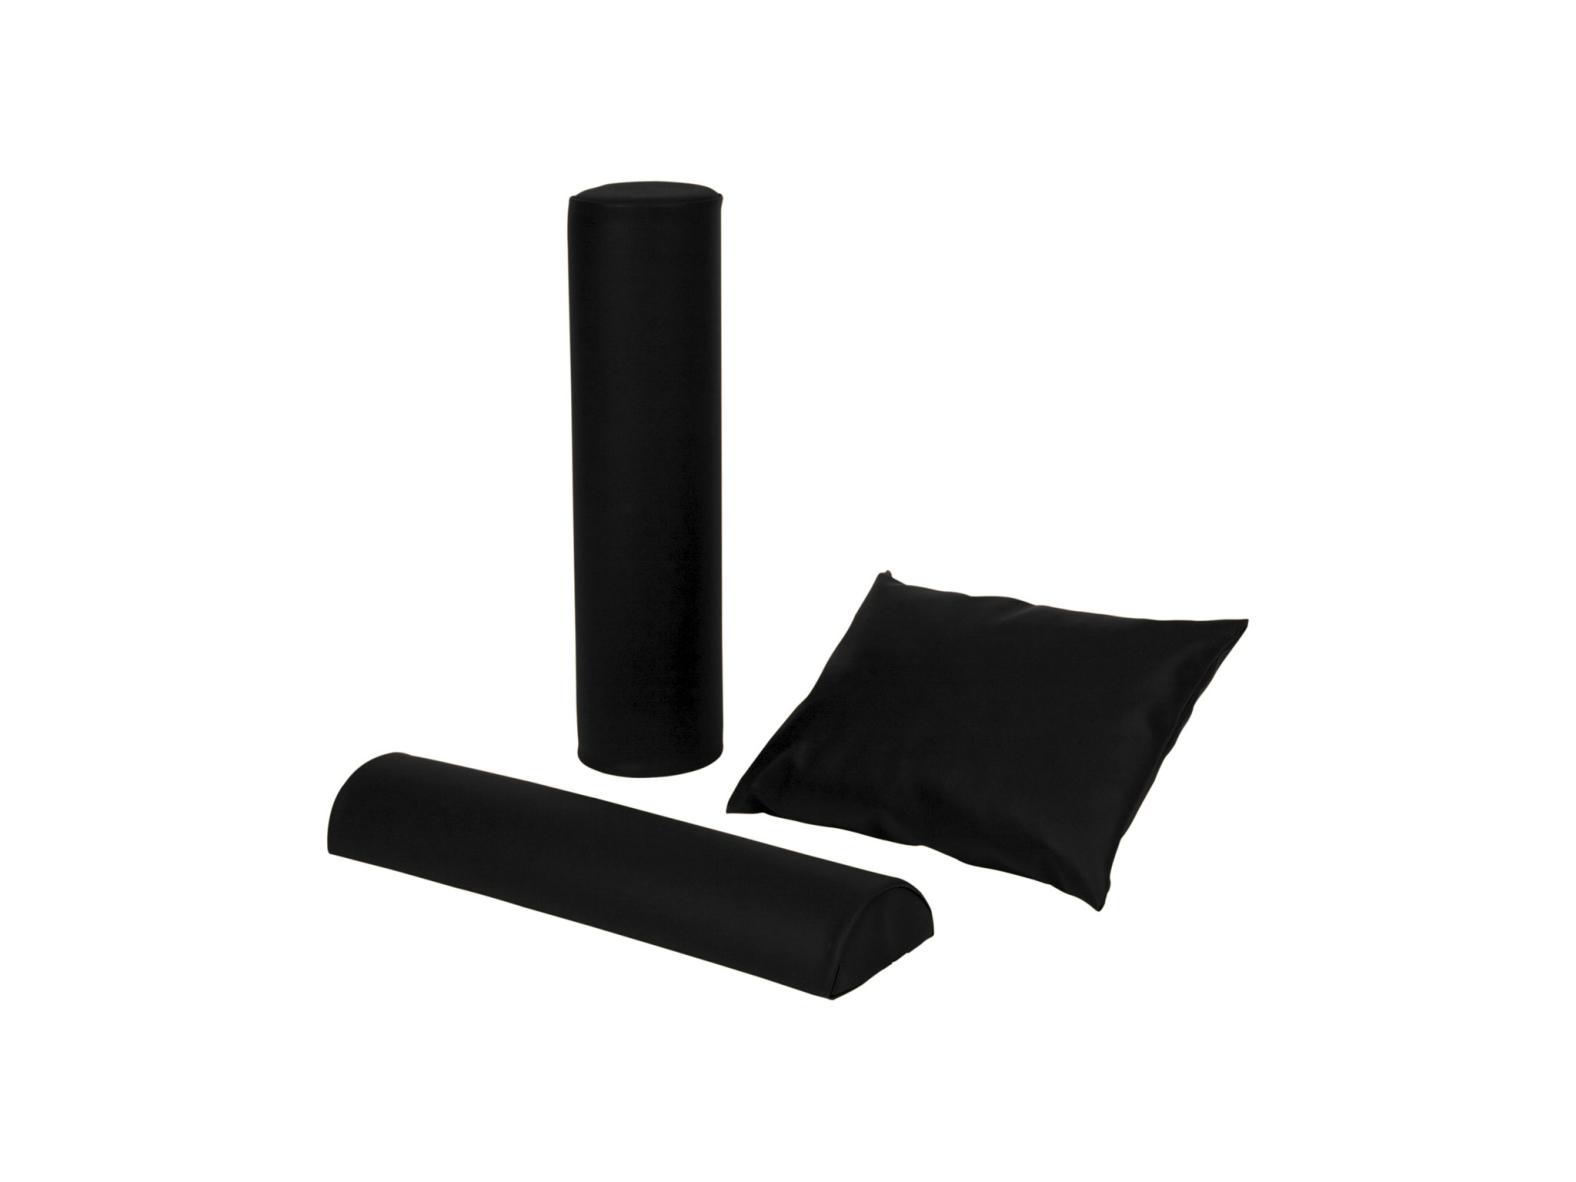 Lagerungskissen-Set, 3-tlg., 60 cm Rolle, Halbrolle & Kopfkissen